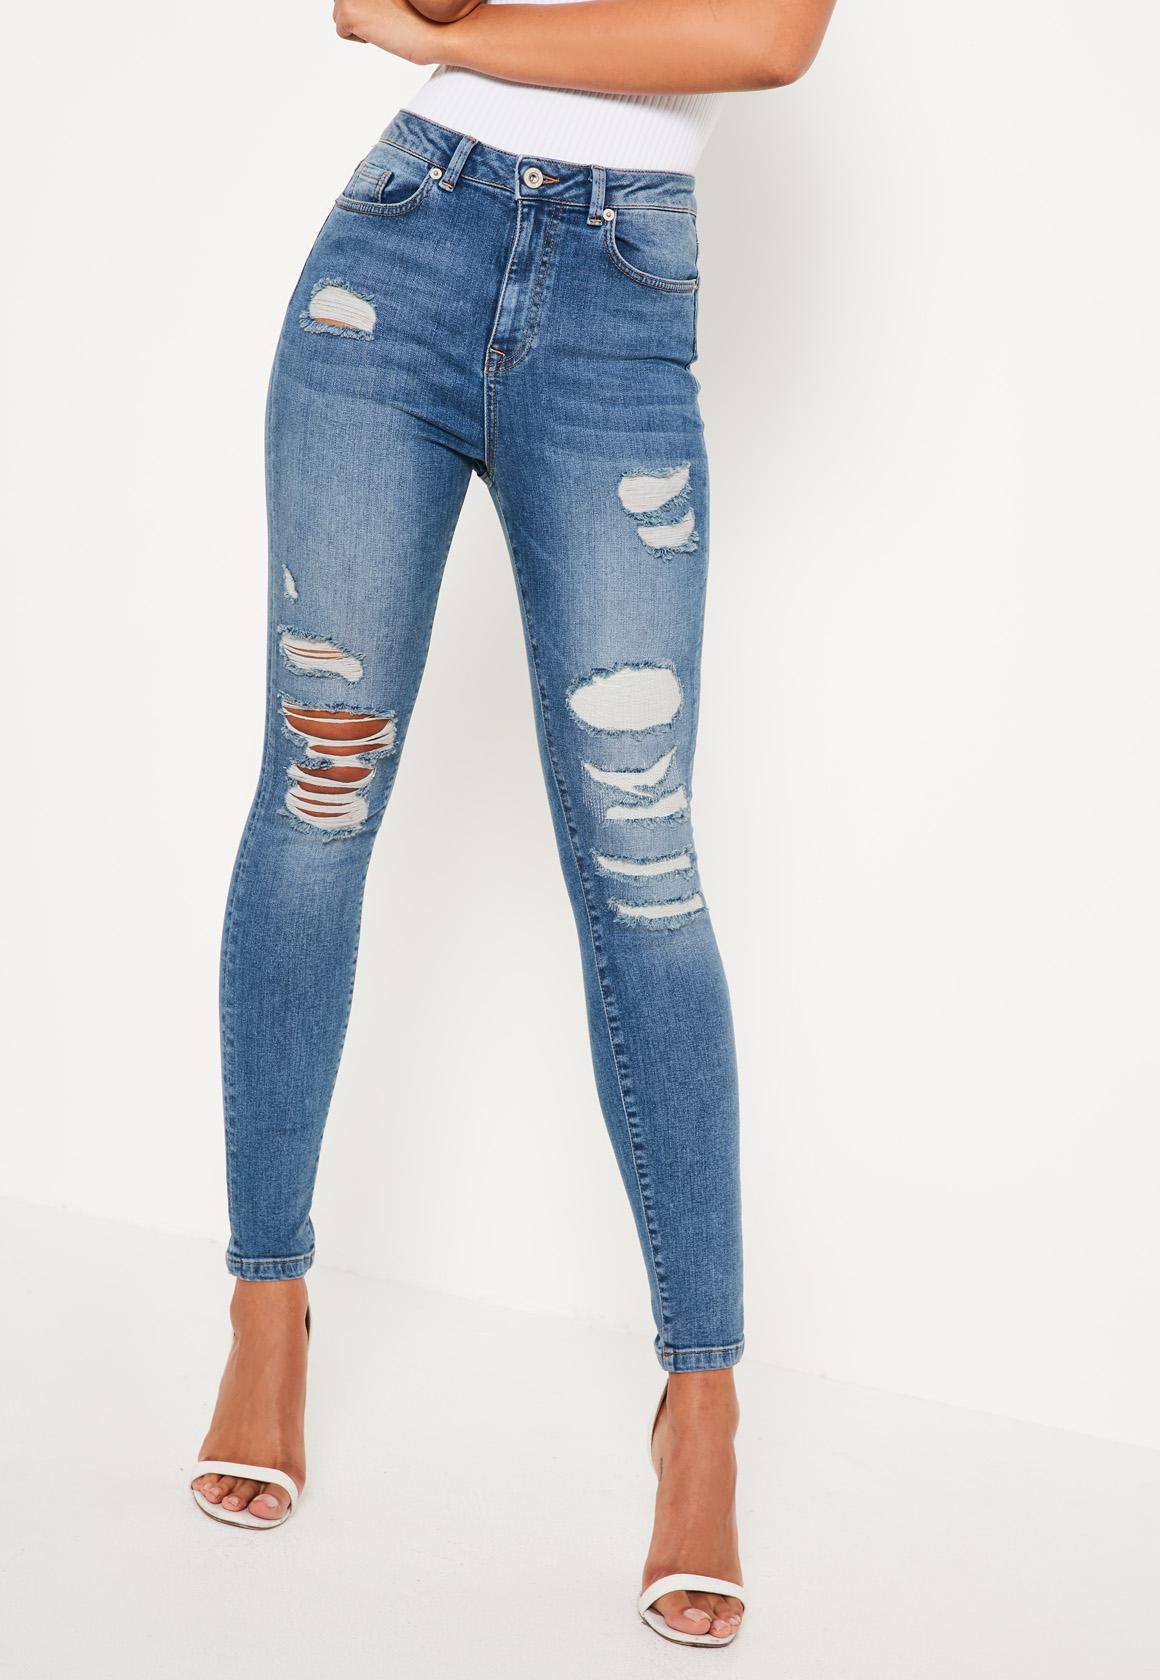 Blue Sinner High Waisted Rip & Repair Jeans